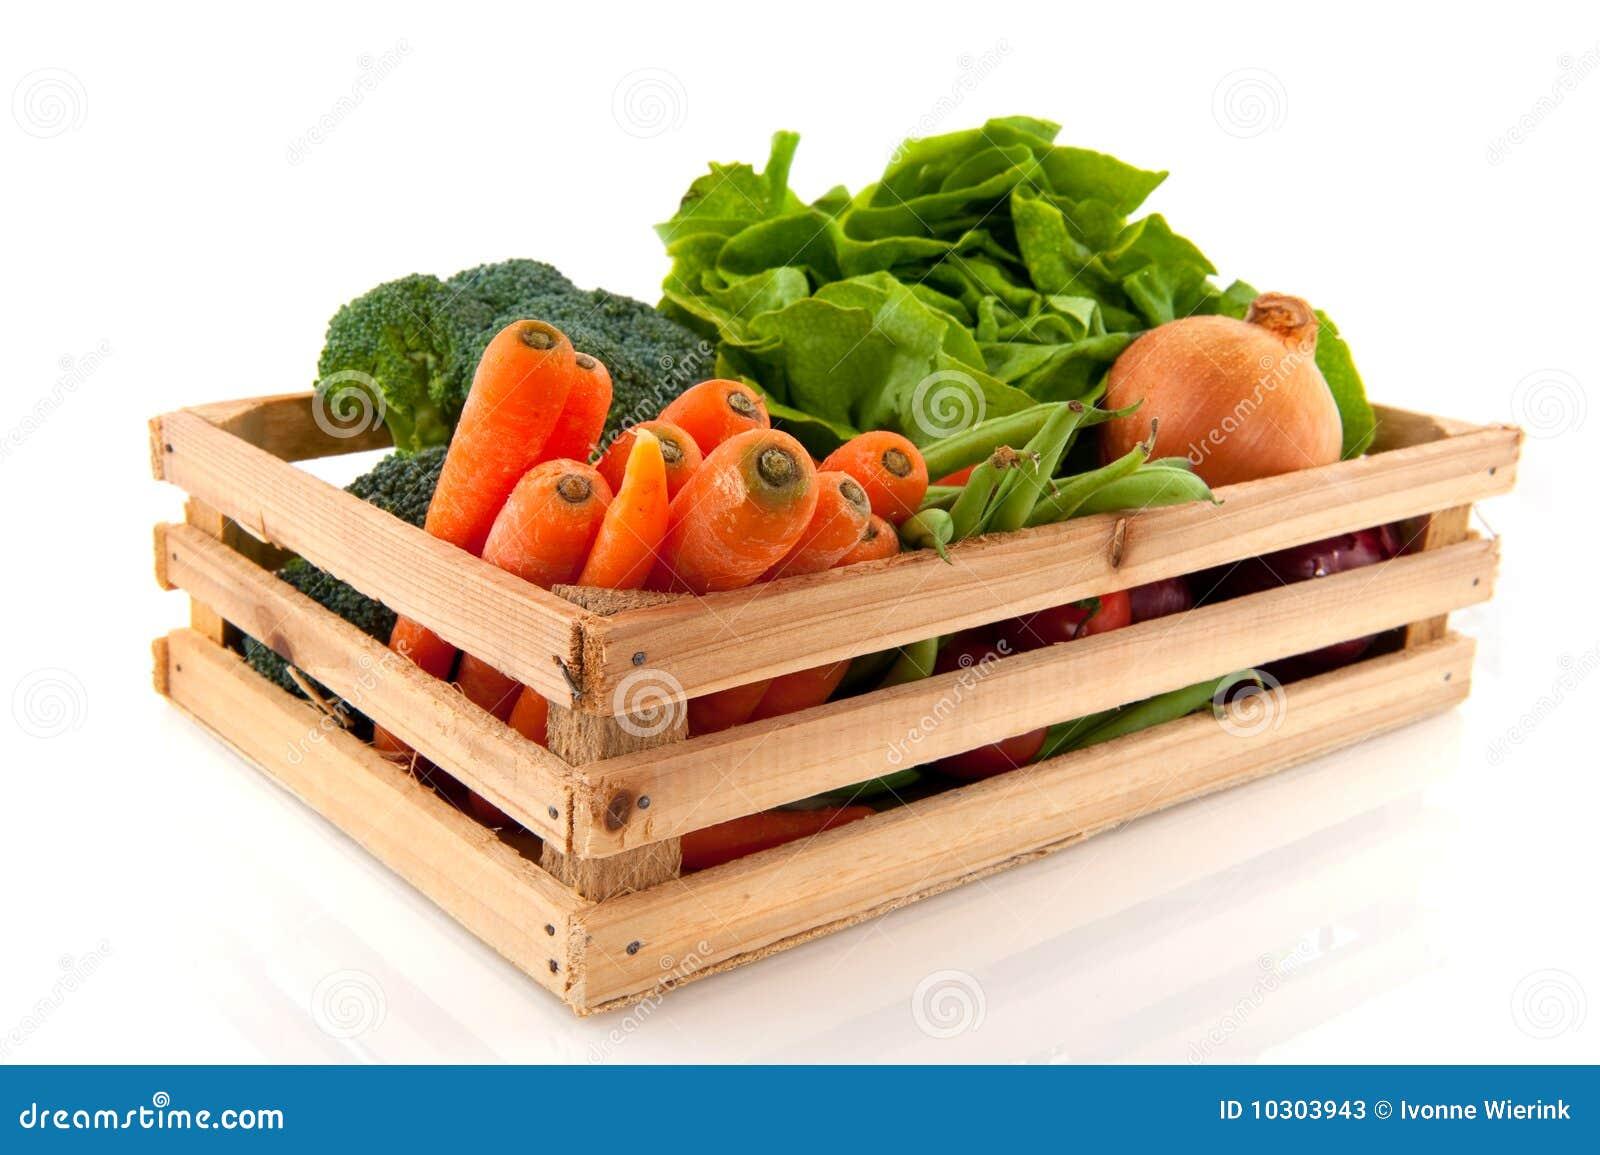 Krat met groenten stock foto 39 s afbeelding 10303943 - Krat met appel ...